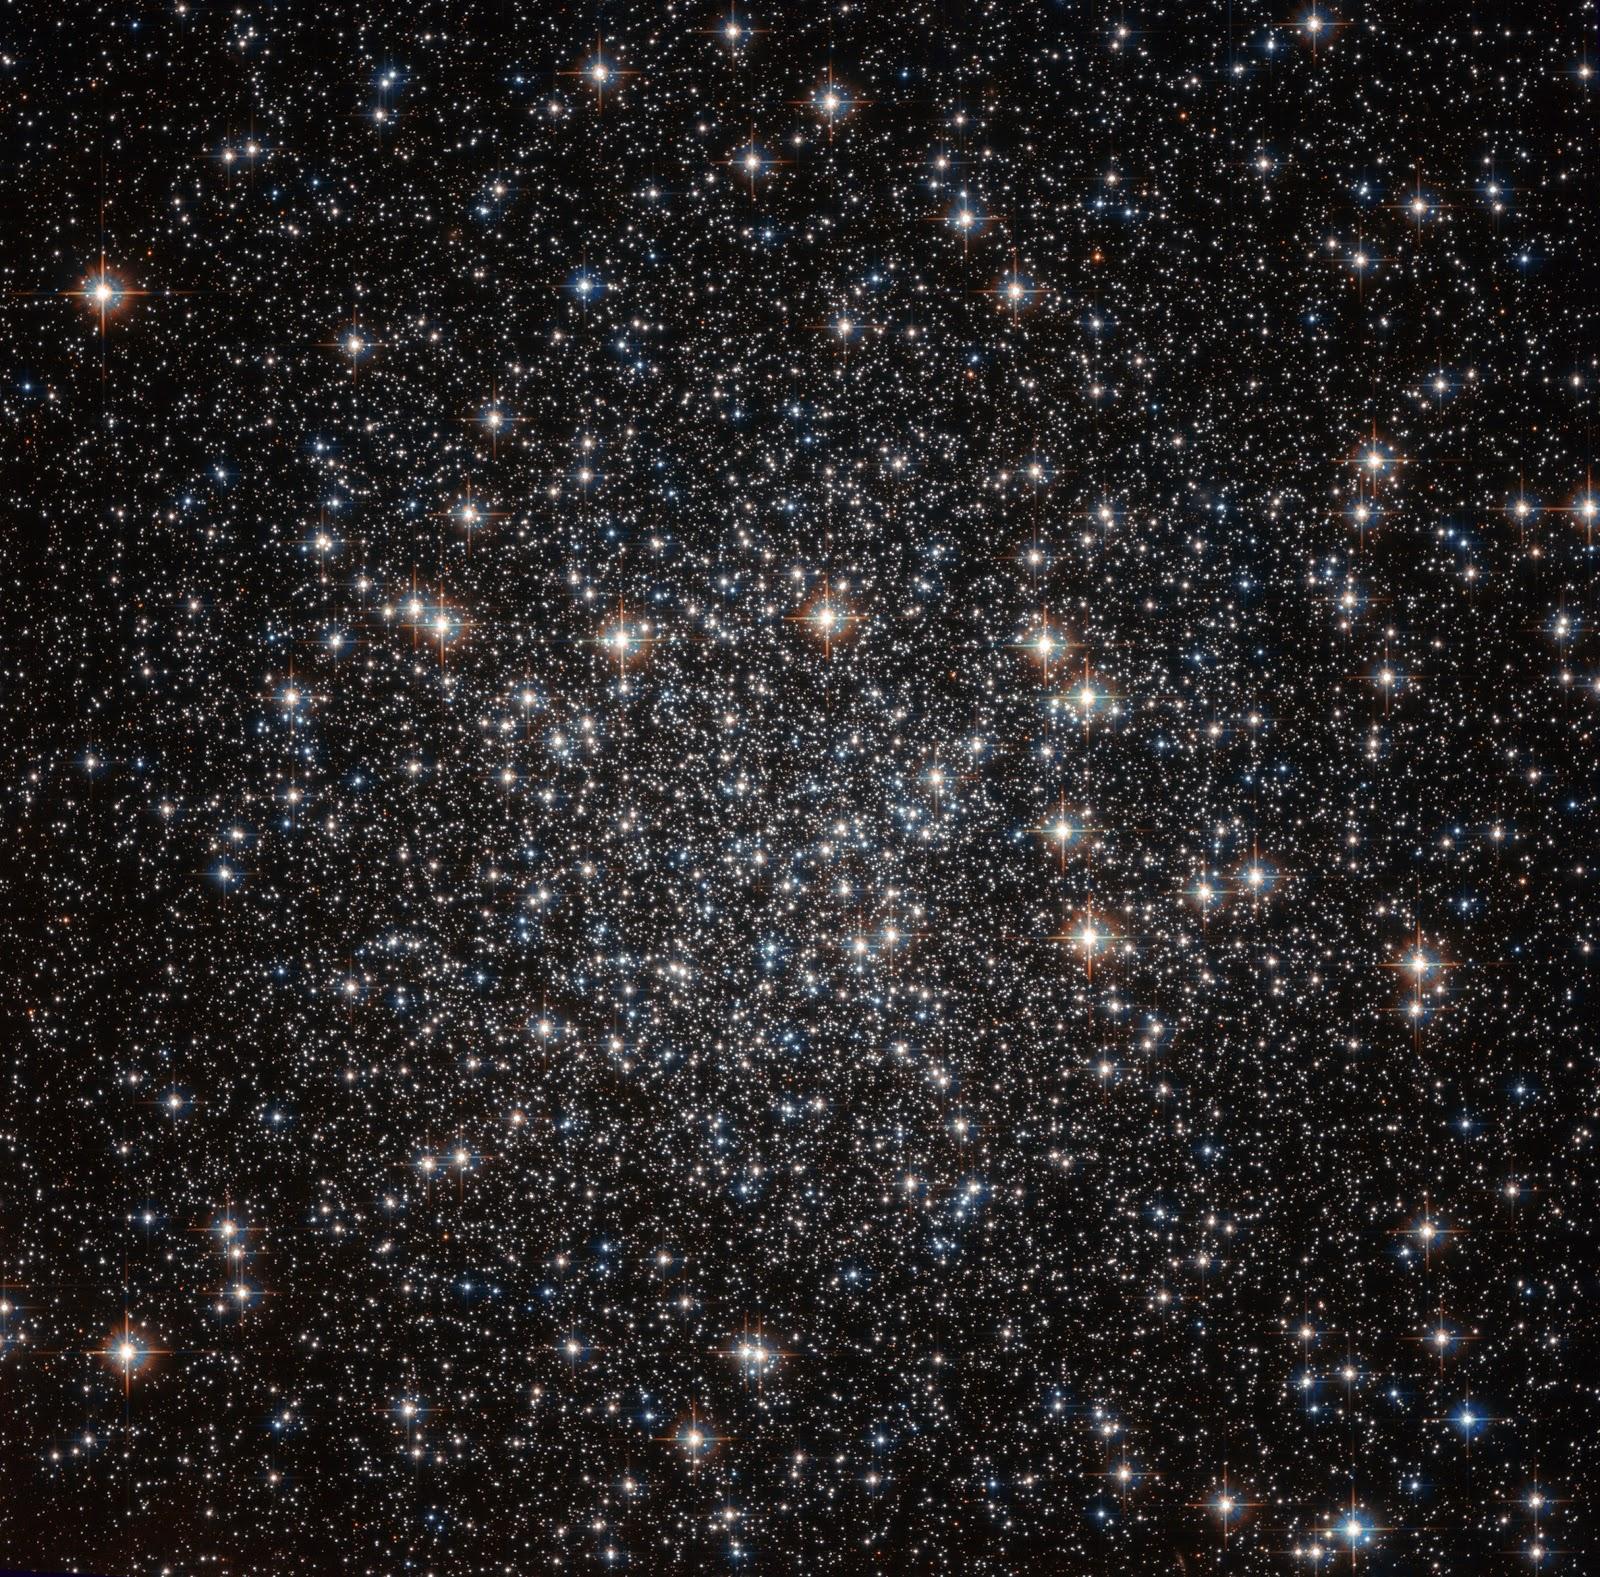 球状星団のNGC 4833